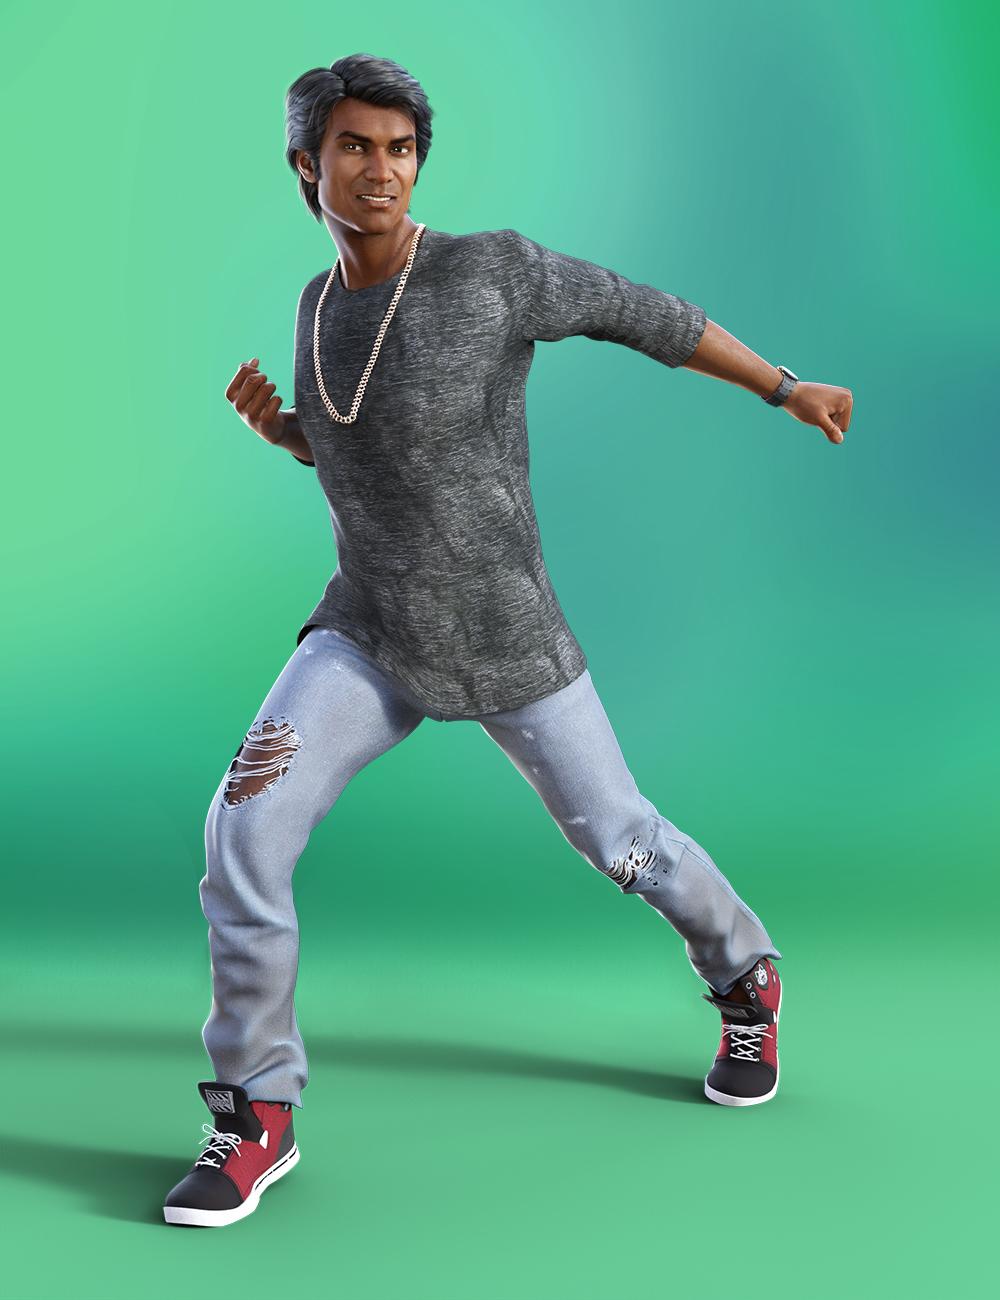 Dancing Animations for Genesis 8 by: ThreeDigital, 3D Models by Daz 3D